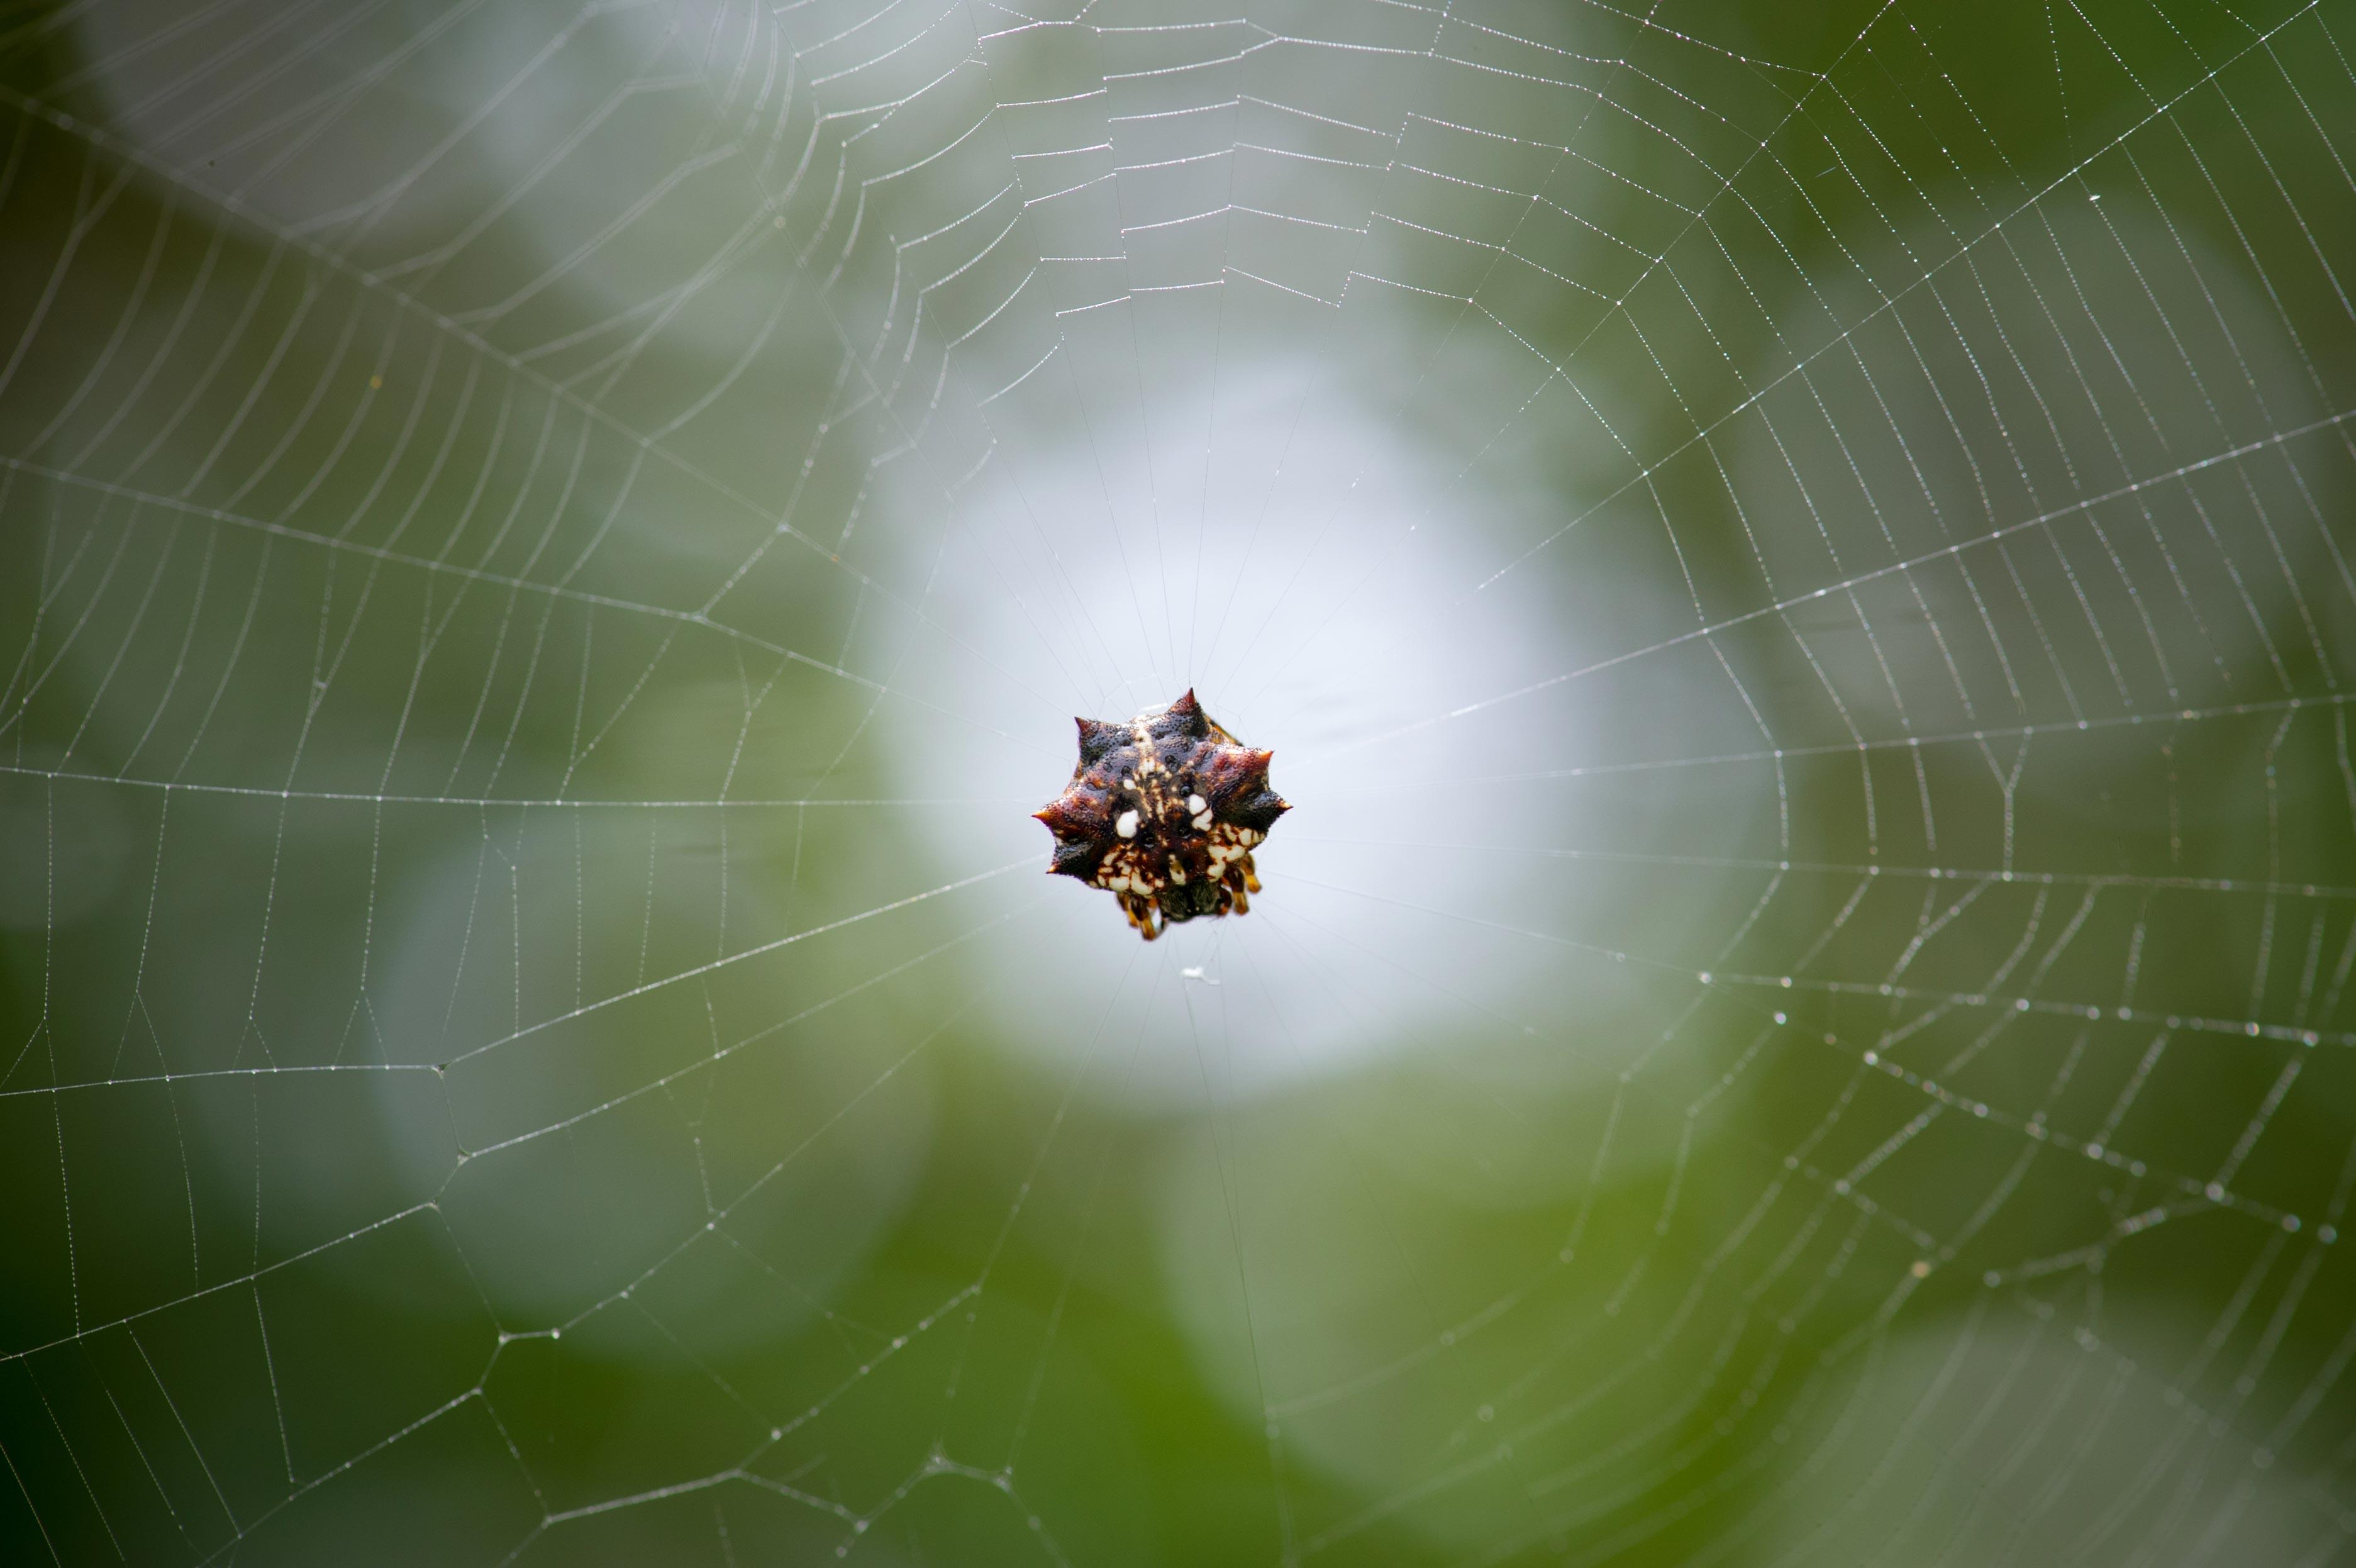 チブサトゲグモの写真